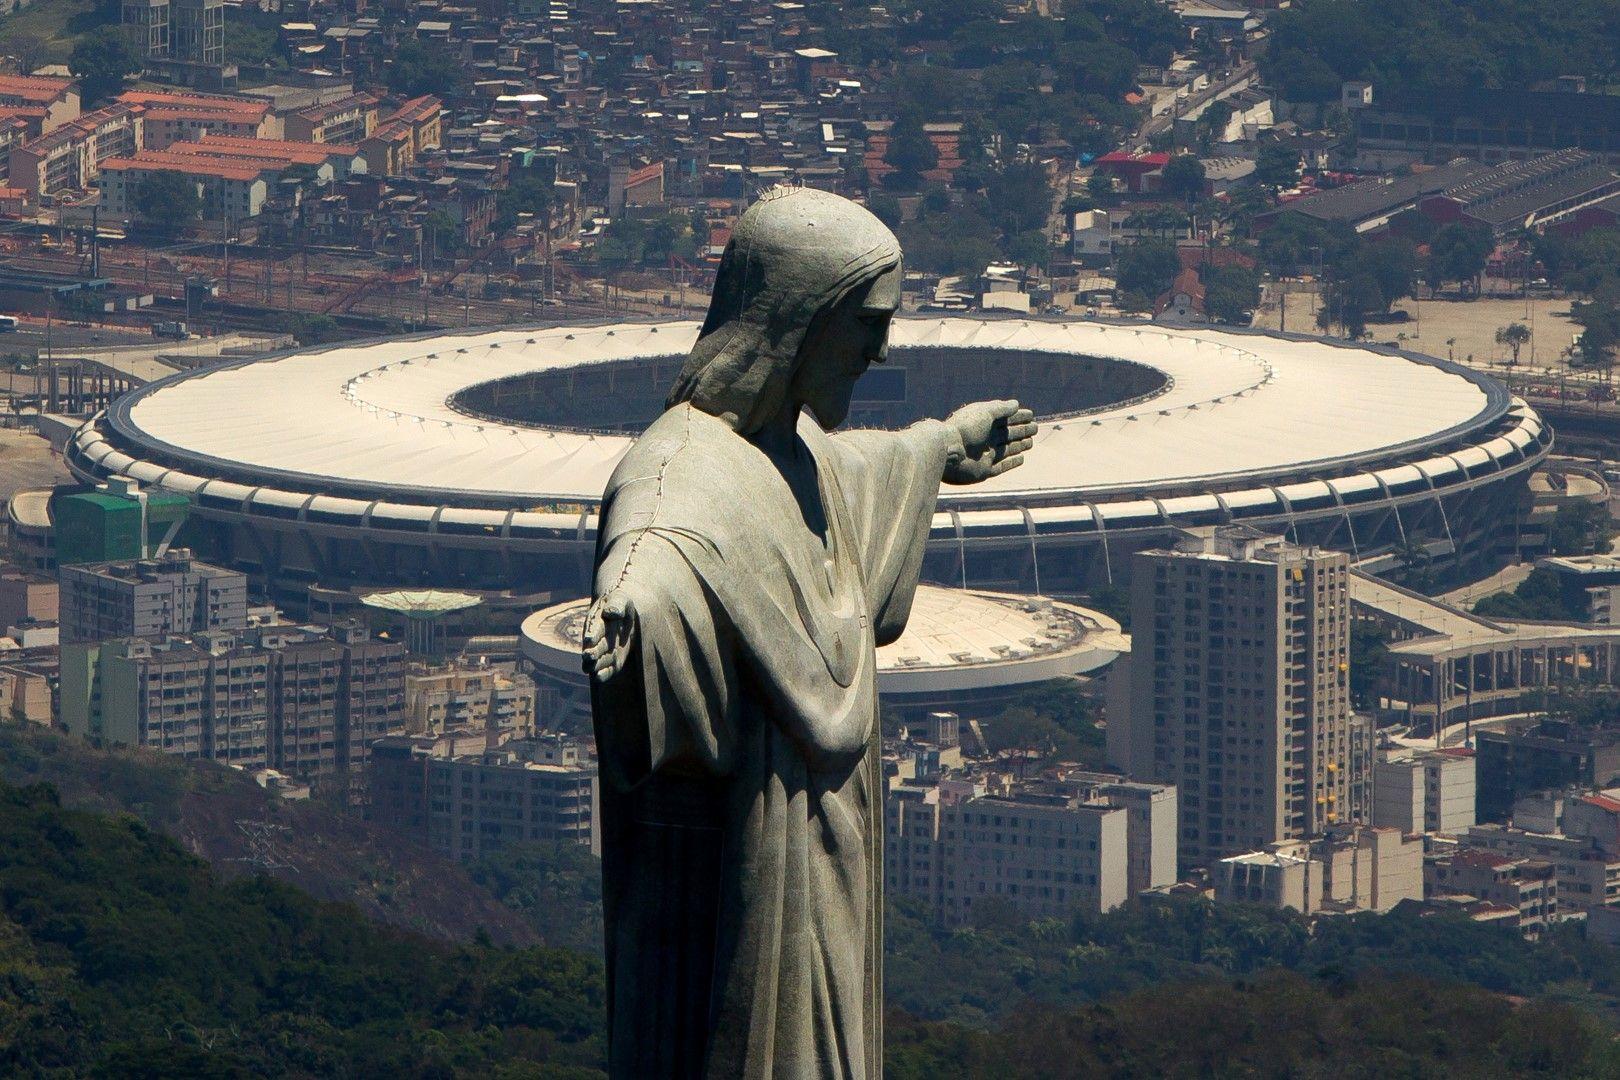 """Статуята на Исус Христос на фона на """"Маракана"""" е една от най-красивите футболни гледки дори и да не сте религиозни. Няма как да я пропуснем. Историческият футболен дом на Рио Де Жанейро се ползва от Фламенго, Флуминензе и националния отбор. Събира 79 хиляди души, а първите събития на него са през 1950-а година. Приемал е финалите на Световно първенство по футбол (1950-а и 2014-а), както и Олимпиадата през 2016-а."""